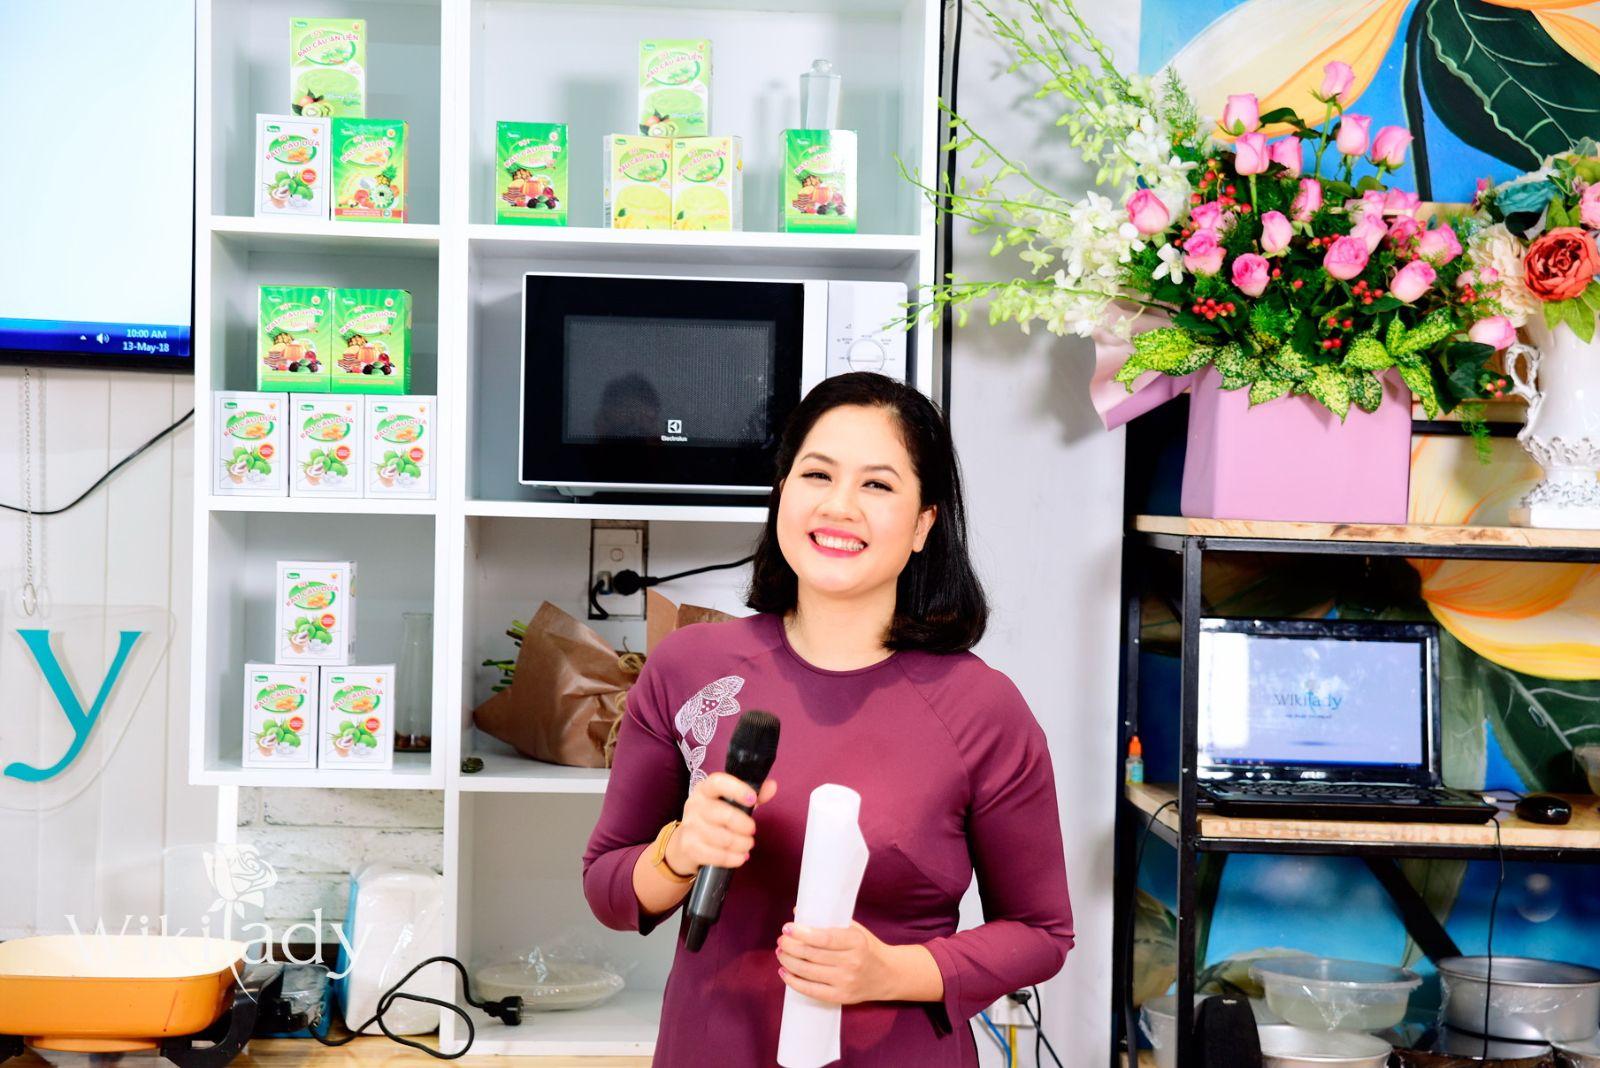 Chị Hoàng Nhật Mai - Giám đốc Hệ thống giáo dục Wikilady chia sẻ ý nghĩa của chương trình